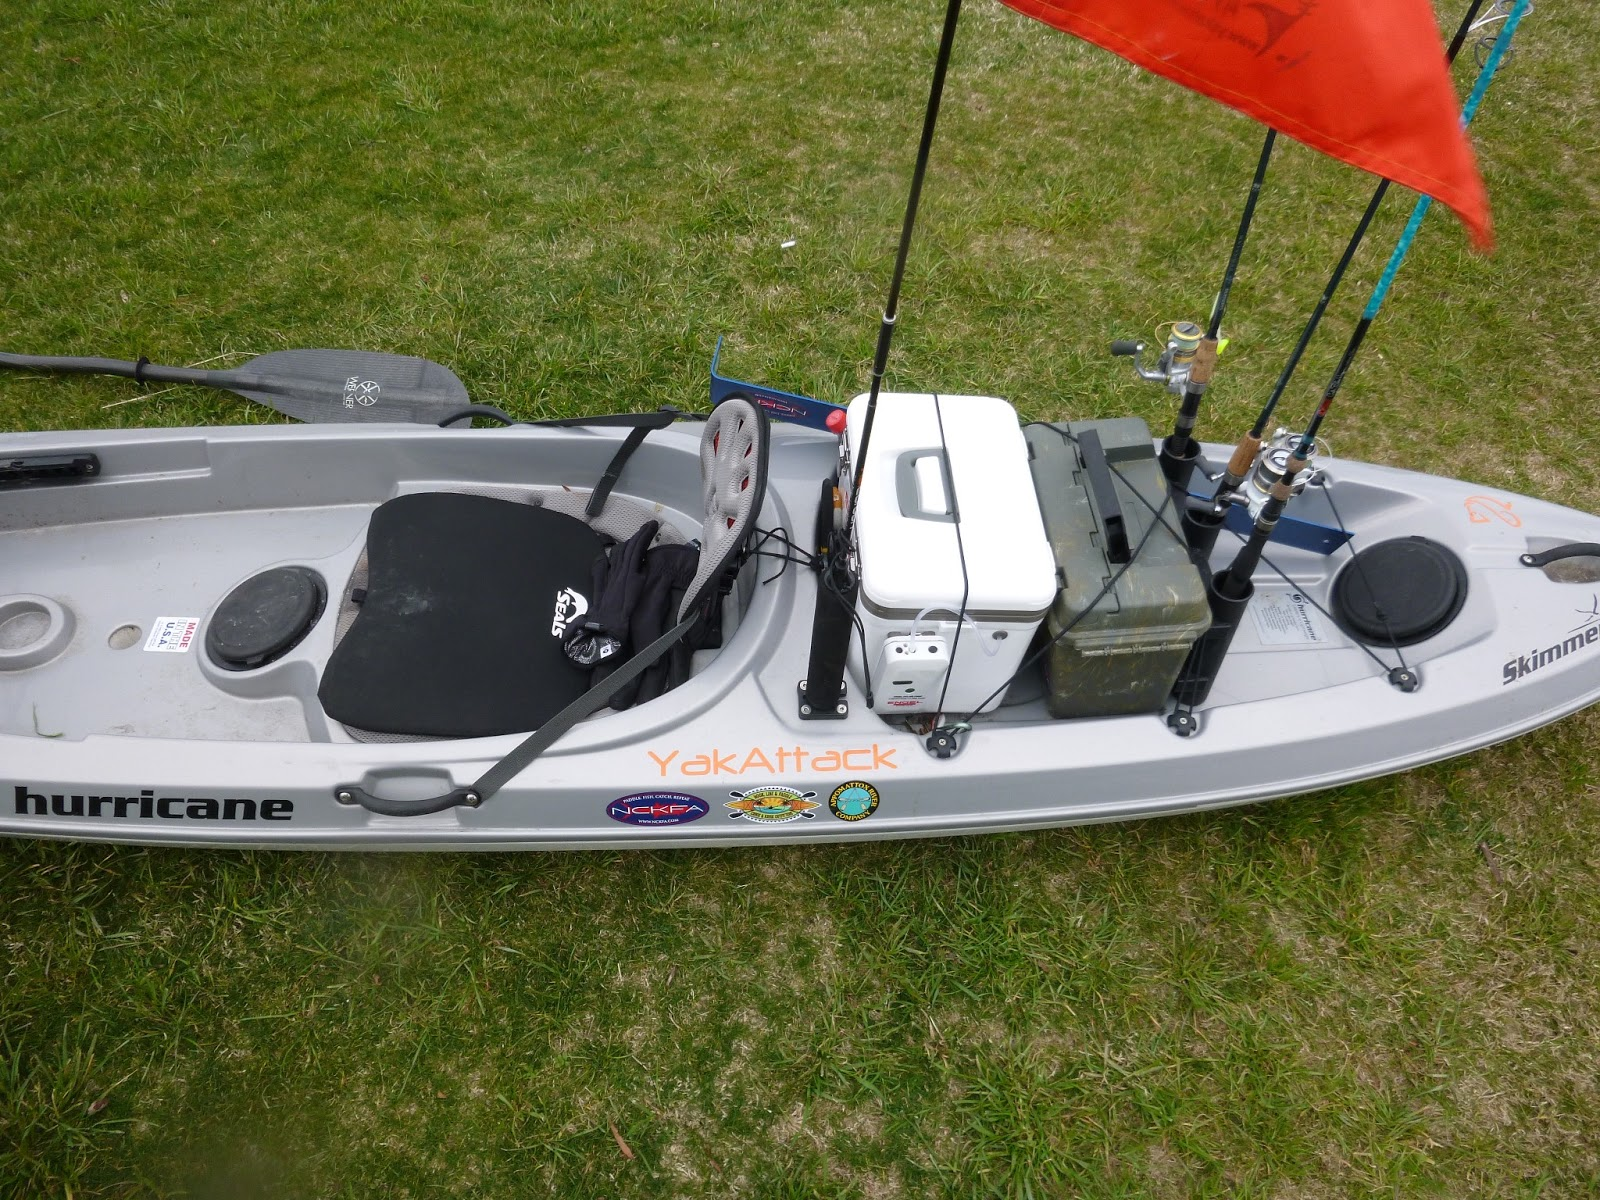 Coastal Kayak Fishing: Kayak Fishing - Top 10 Must-haves